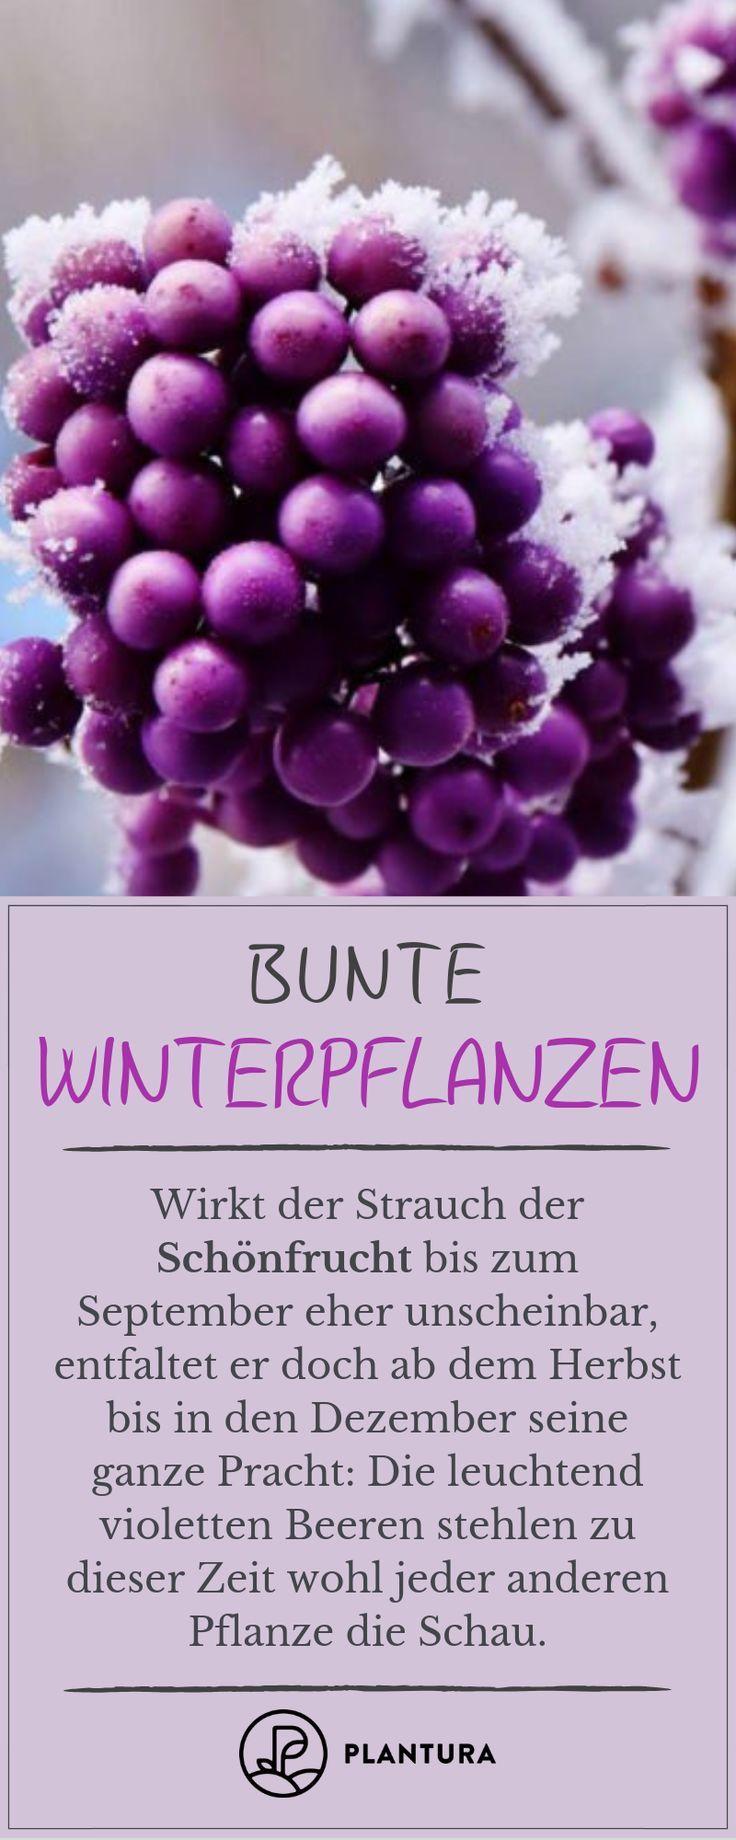 Gallery Bunte Pflanzen im Winter Die 10 schönsten Arten   Plantura is free HD wallpaper.